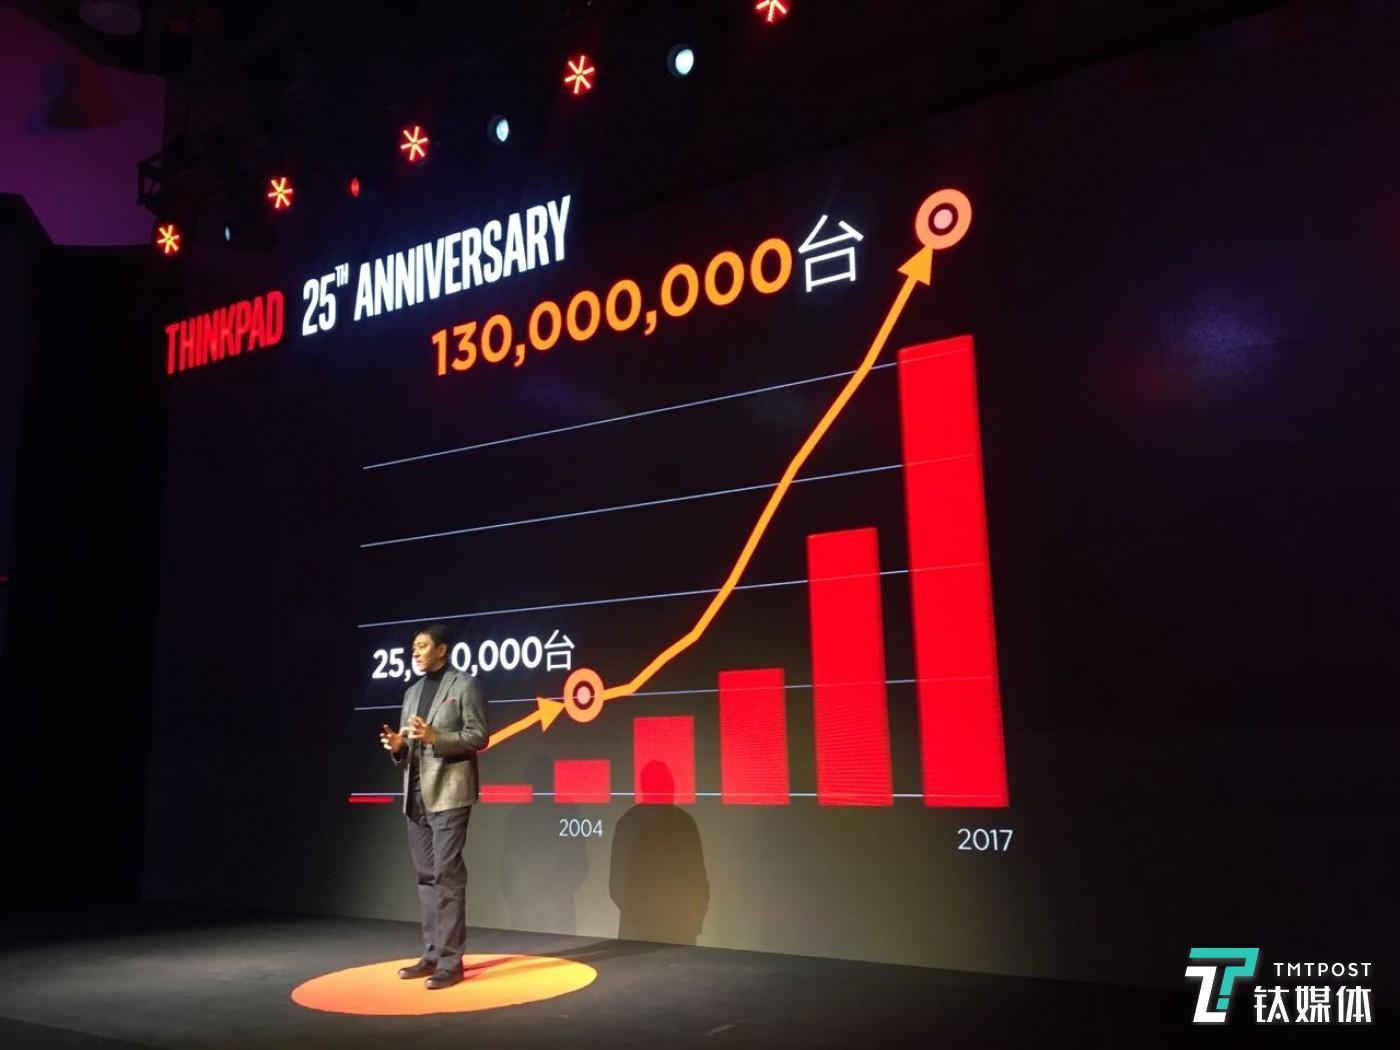 联想集团中国区总裁刘军用直观的数字说明了联想为ThinkPad带来的销量增长